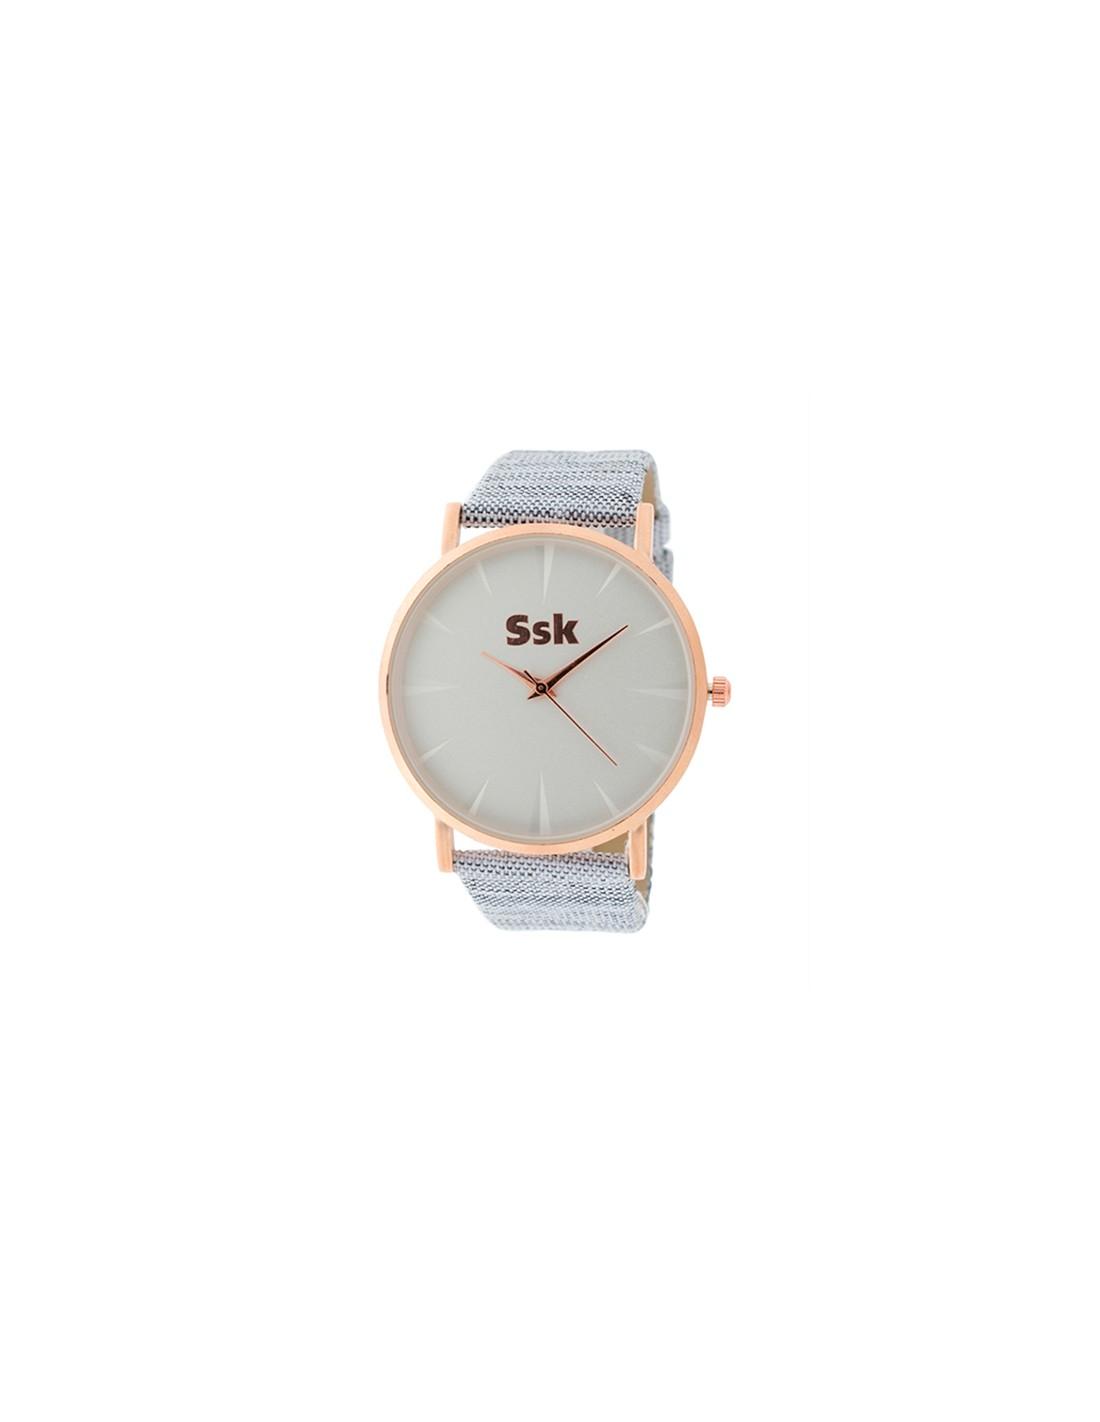 c659743376bd Reloj Toscana PequeÑo Blanco